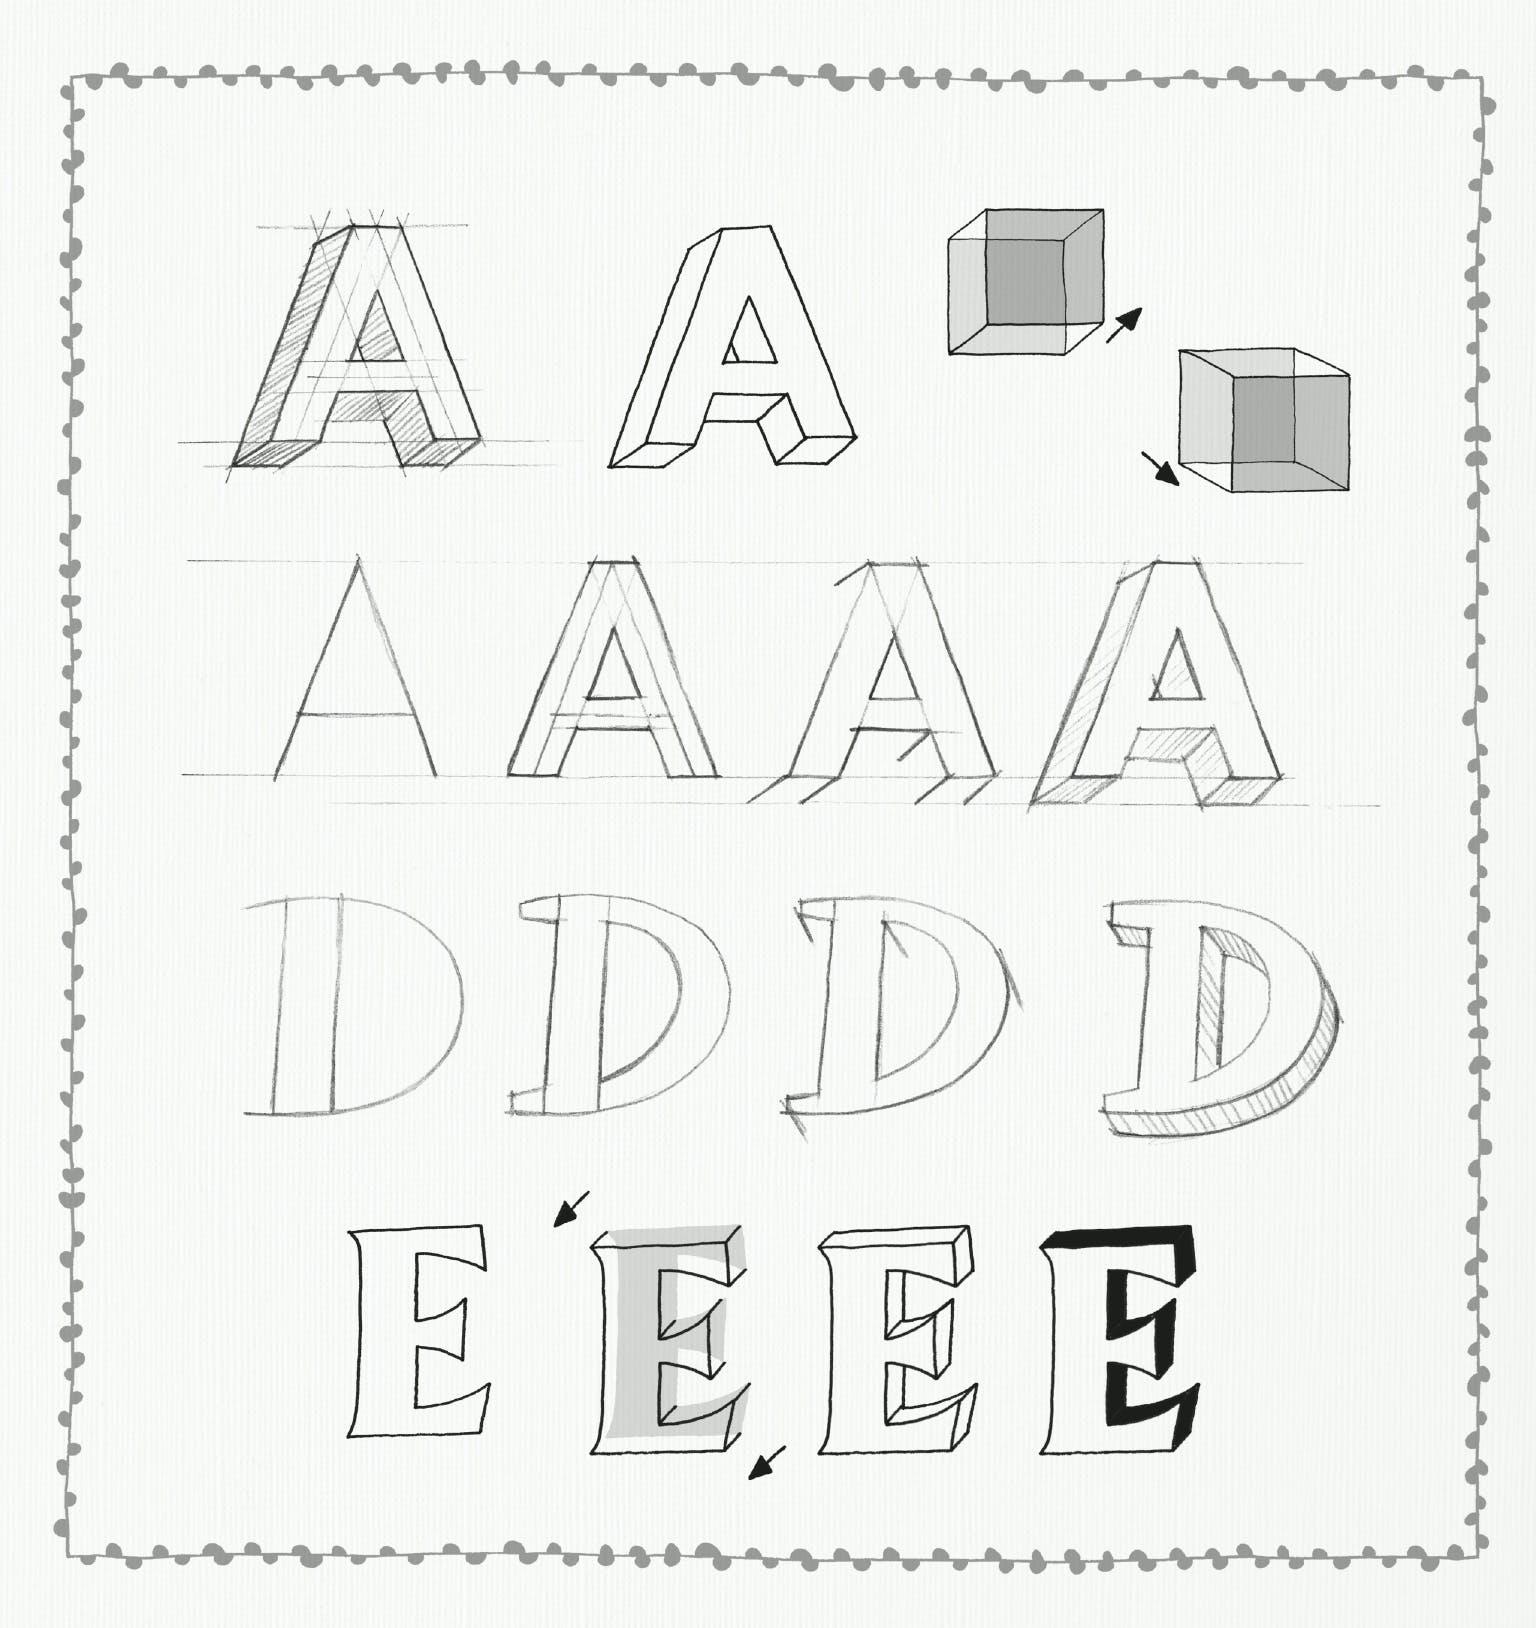 Hand lettering håndskrift øvelser skitse